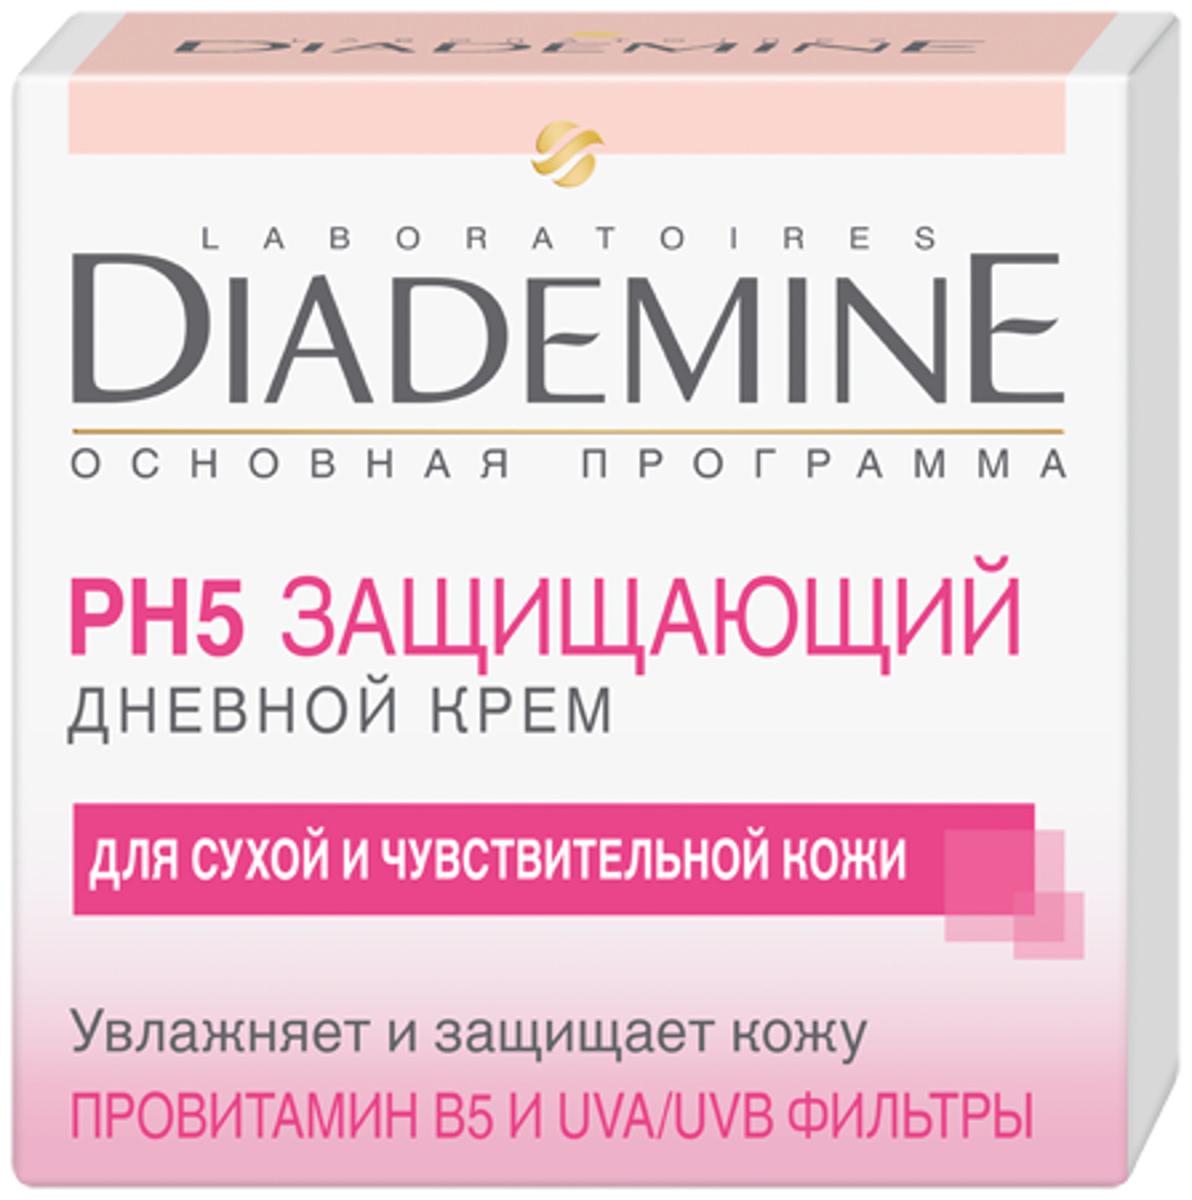 Diademine Крем для лица, защищающий, дневной, для сухой и чувствительной кожи, 50 мл крем bodyton крем для лица дневной 30 мл